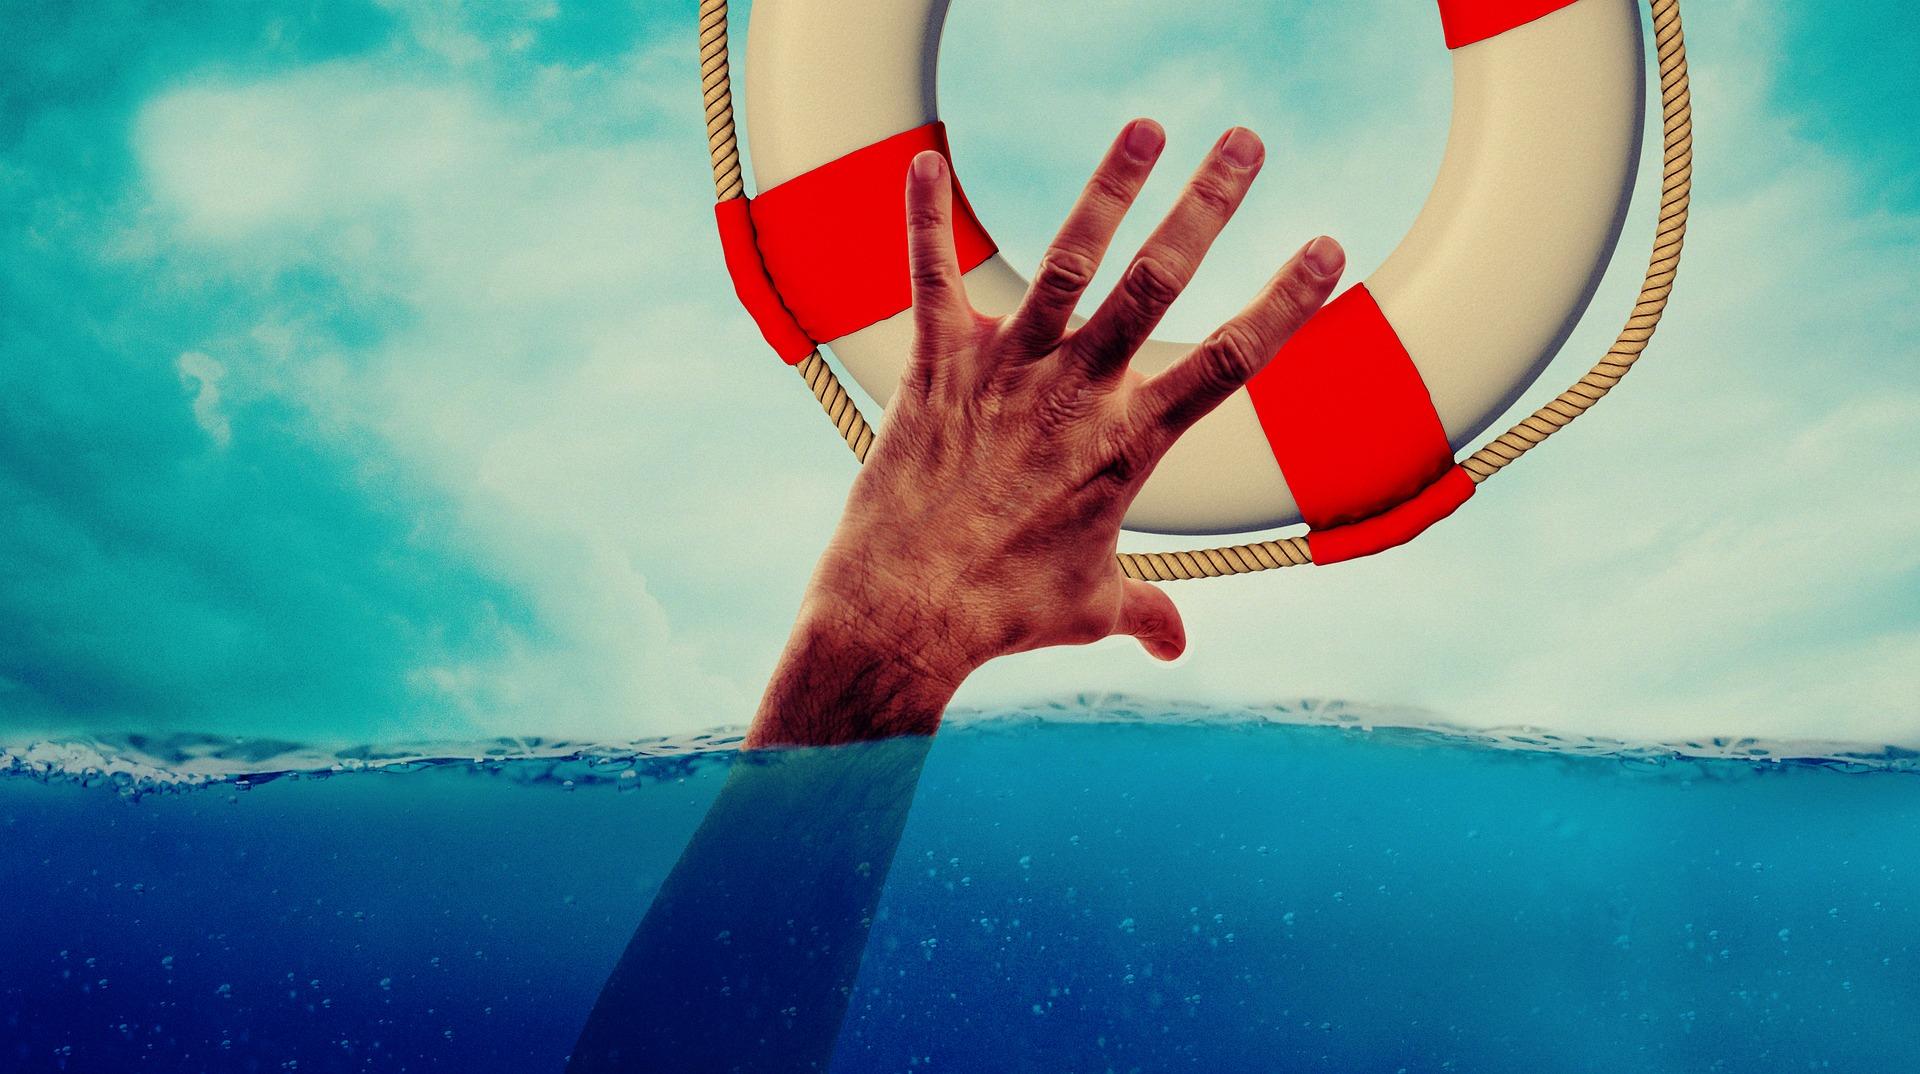 Attacco di Panico: come aiutare chi ha una crisi d'ansia